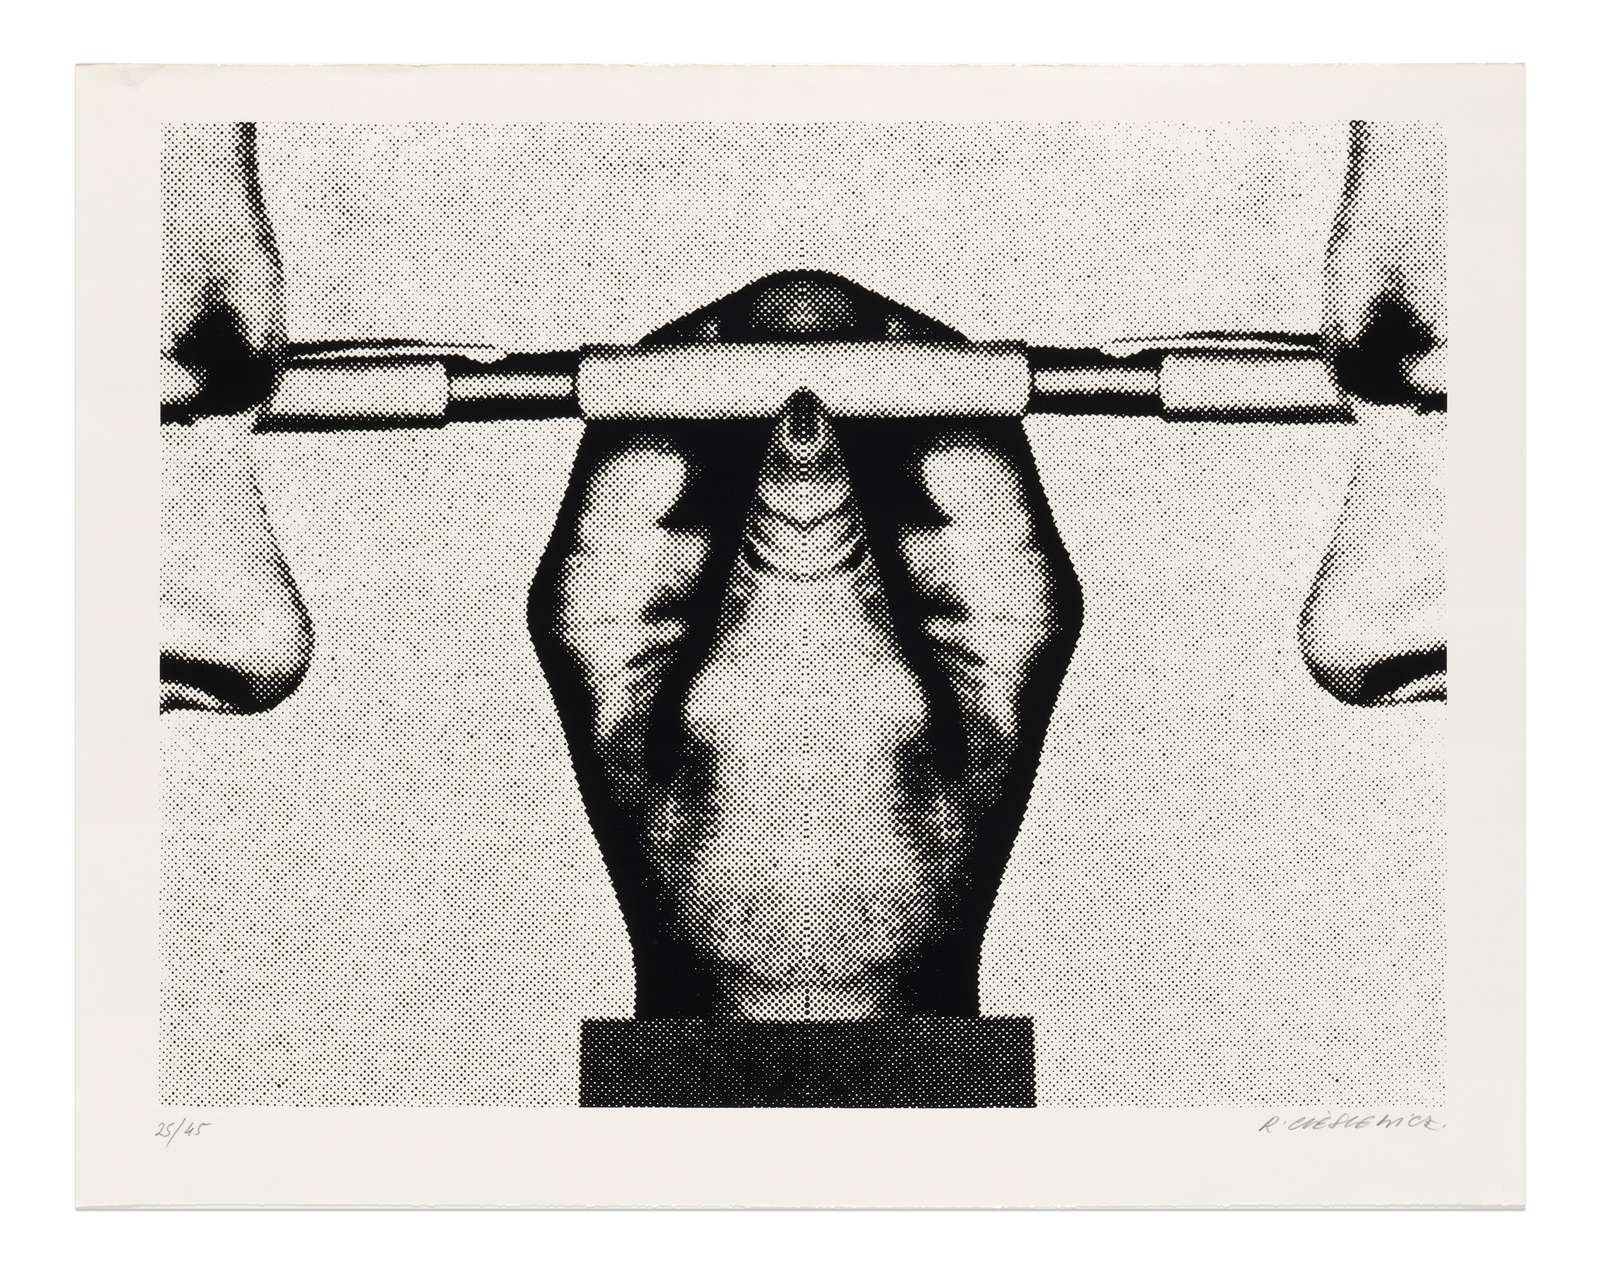 Roman Cieslewicz, Parallèle, 1974 Sérigraphie - Édition de 45 ex.50.5 × 64 cm / 19 7/8 × 25 2/8 in.